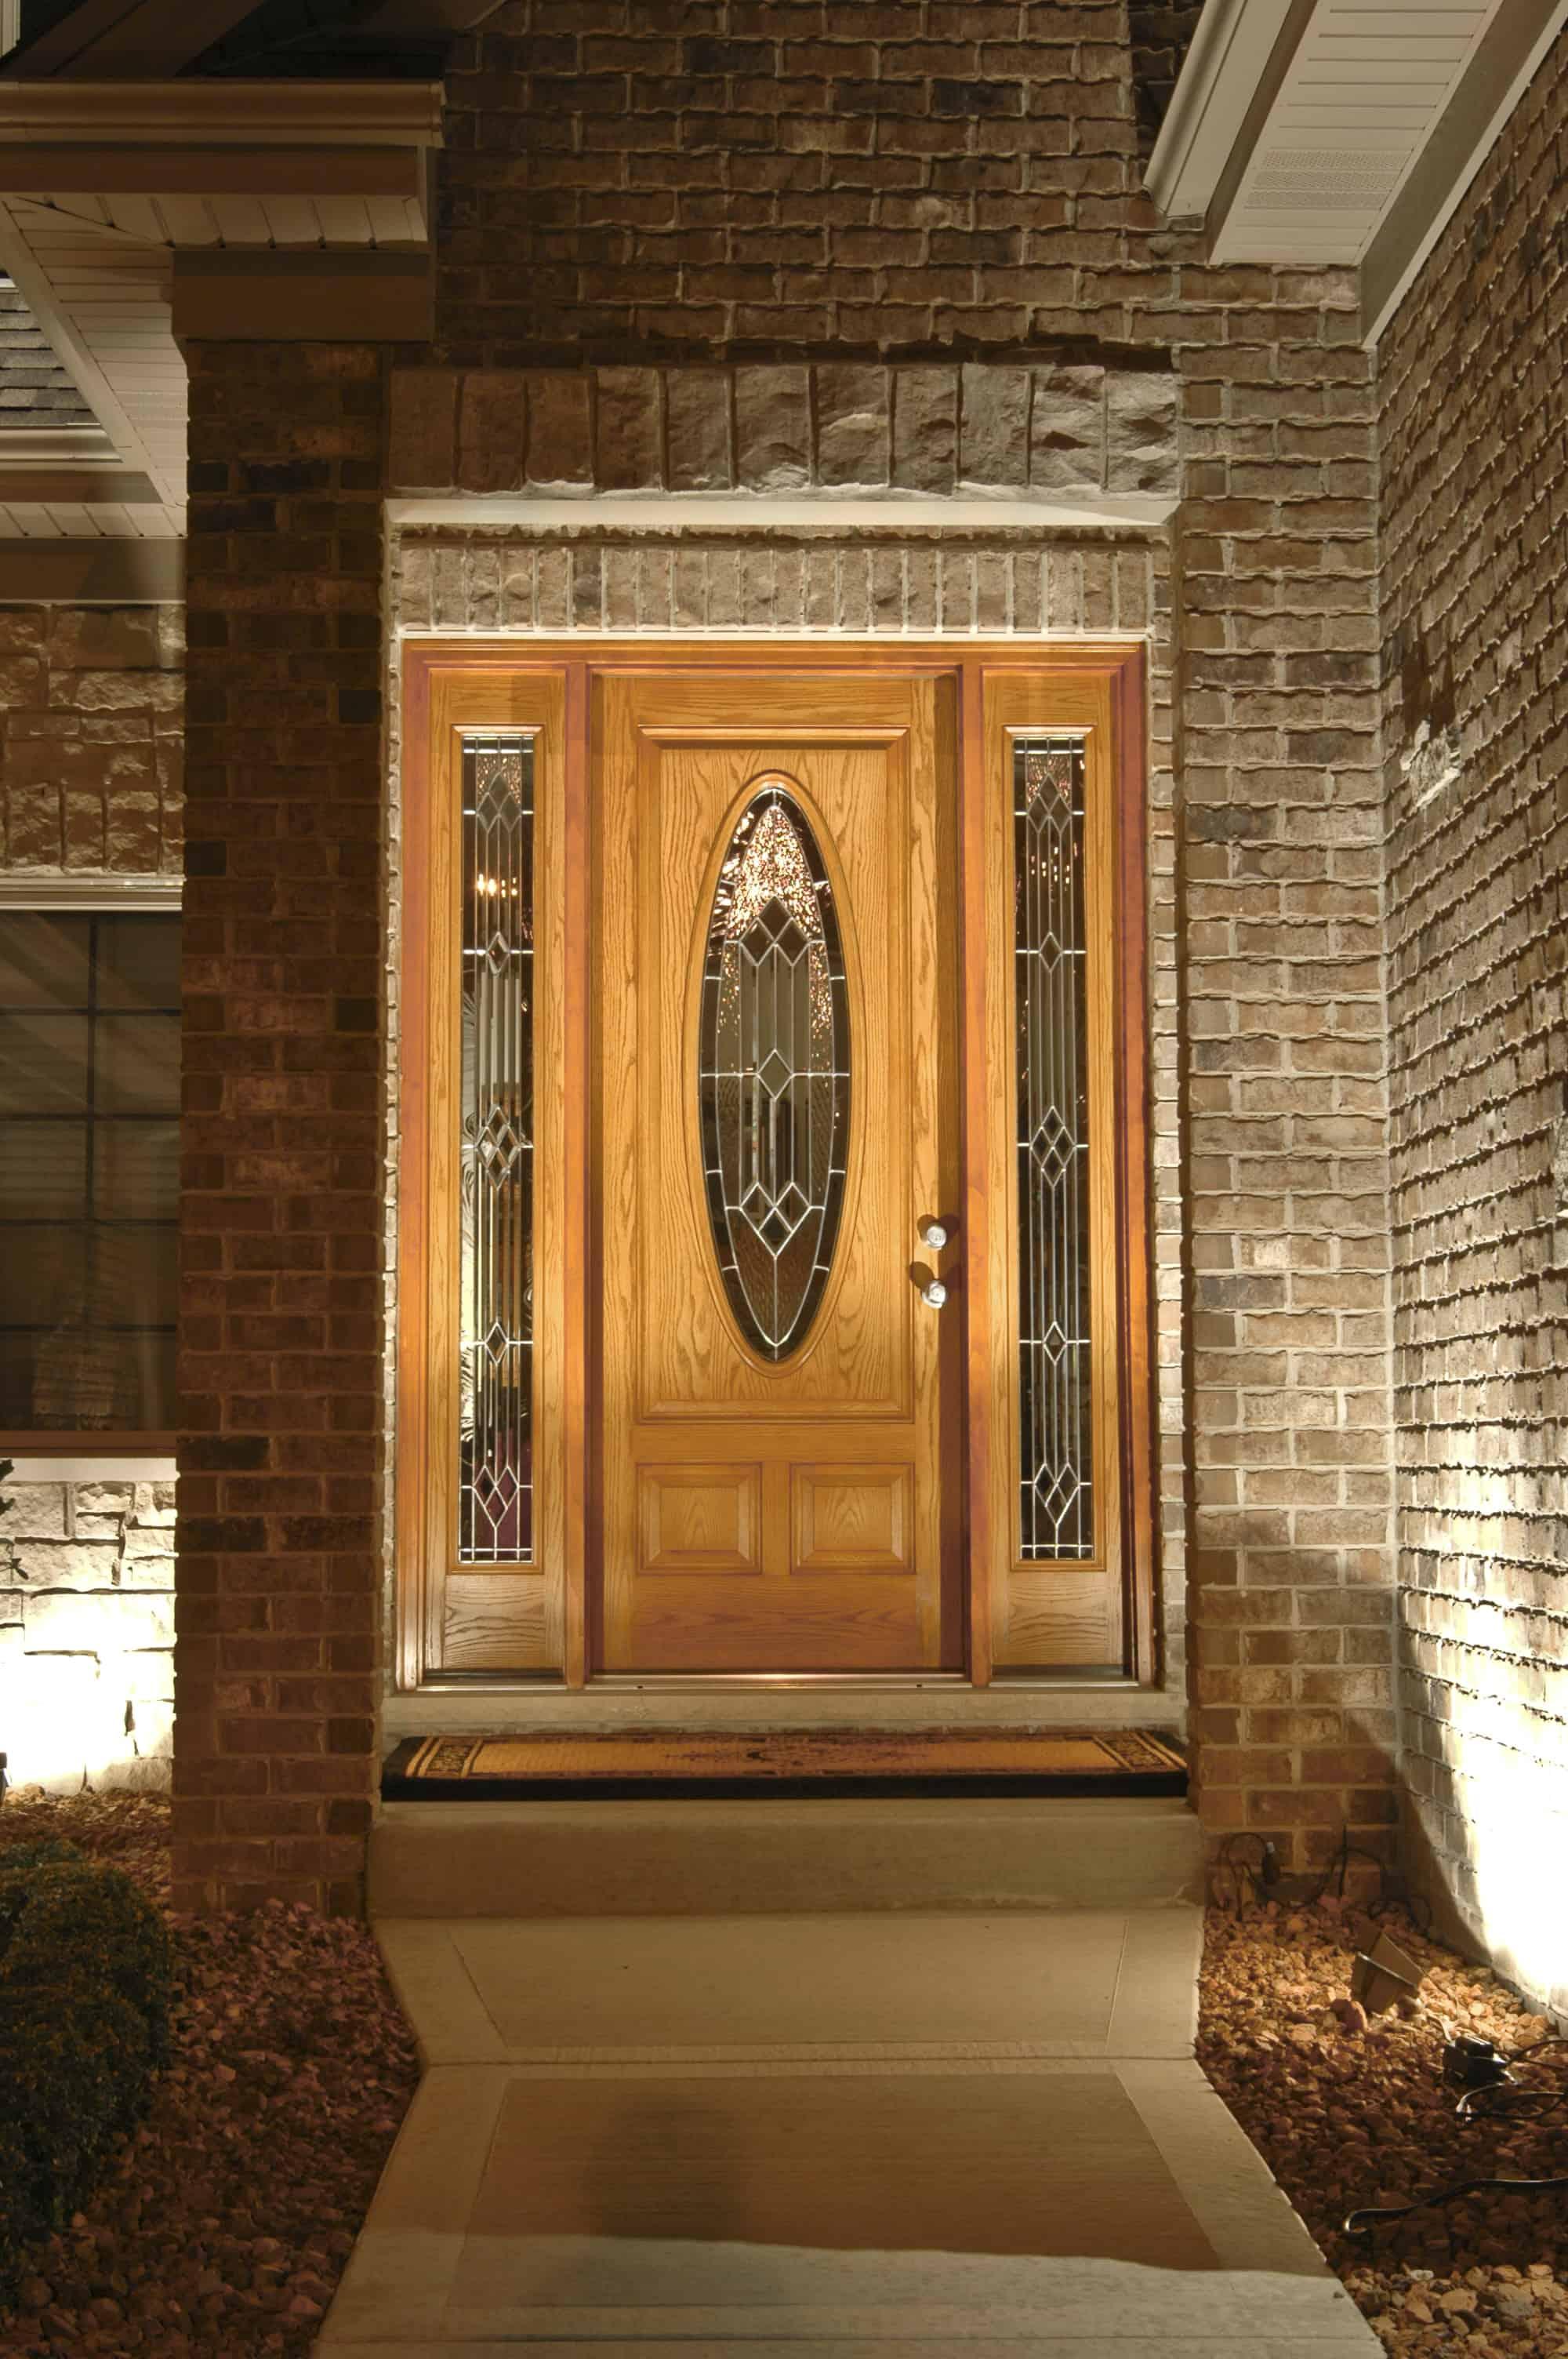 lighting of best for safe outdoor top door front light tips entrance fixture lights